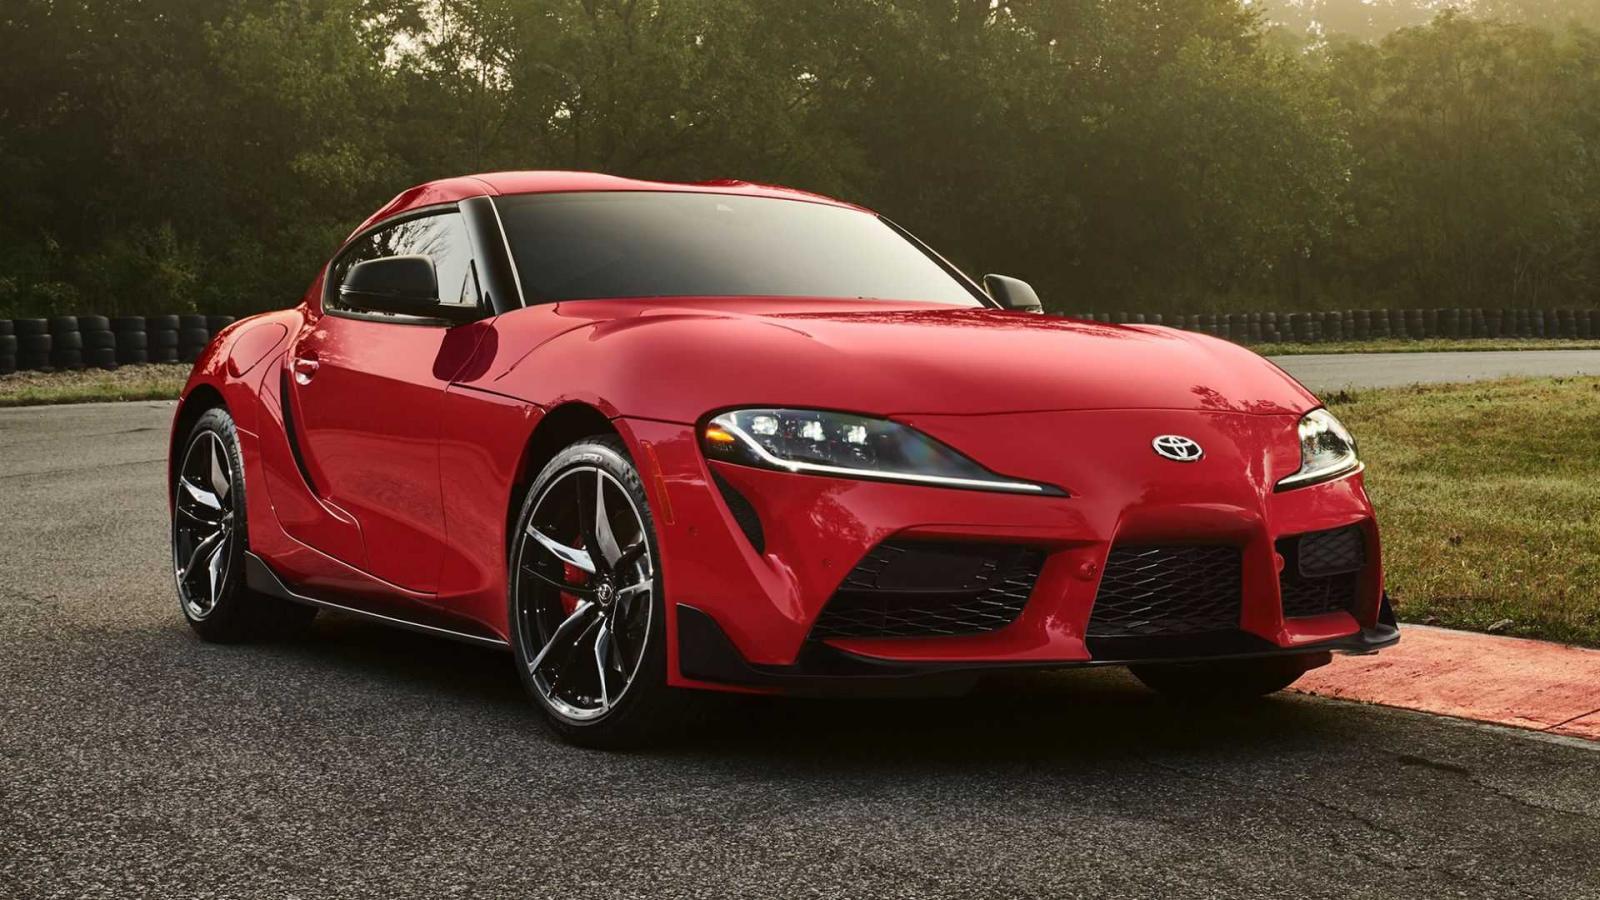 Обновленная Toyota GR Supra будет вскоре представлена официально